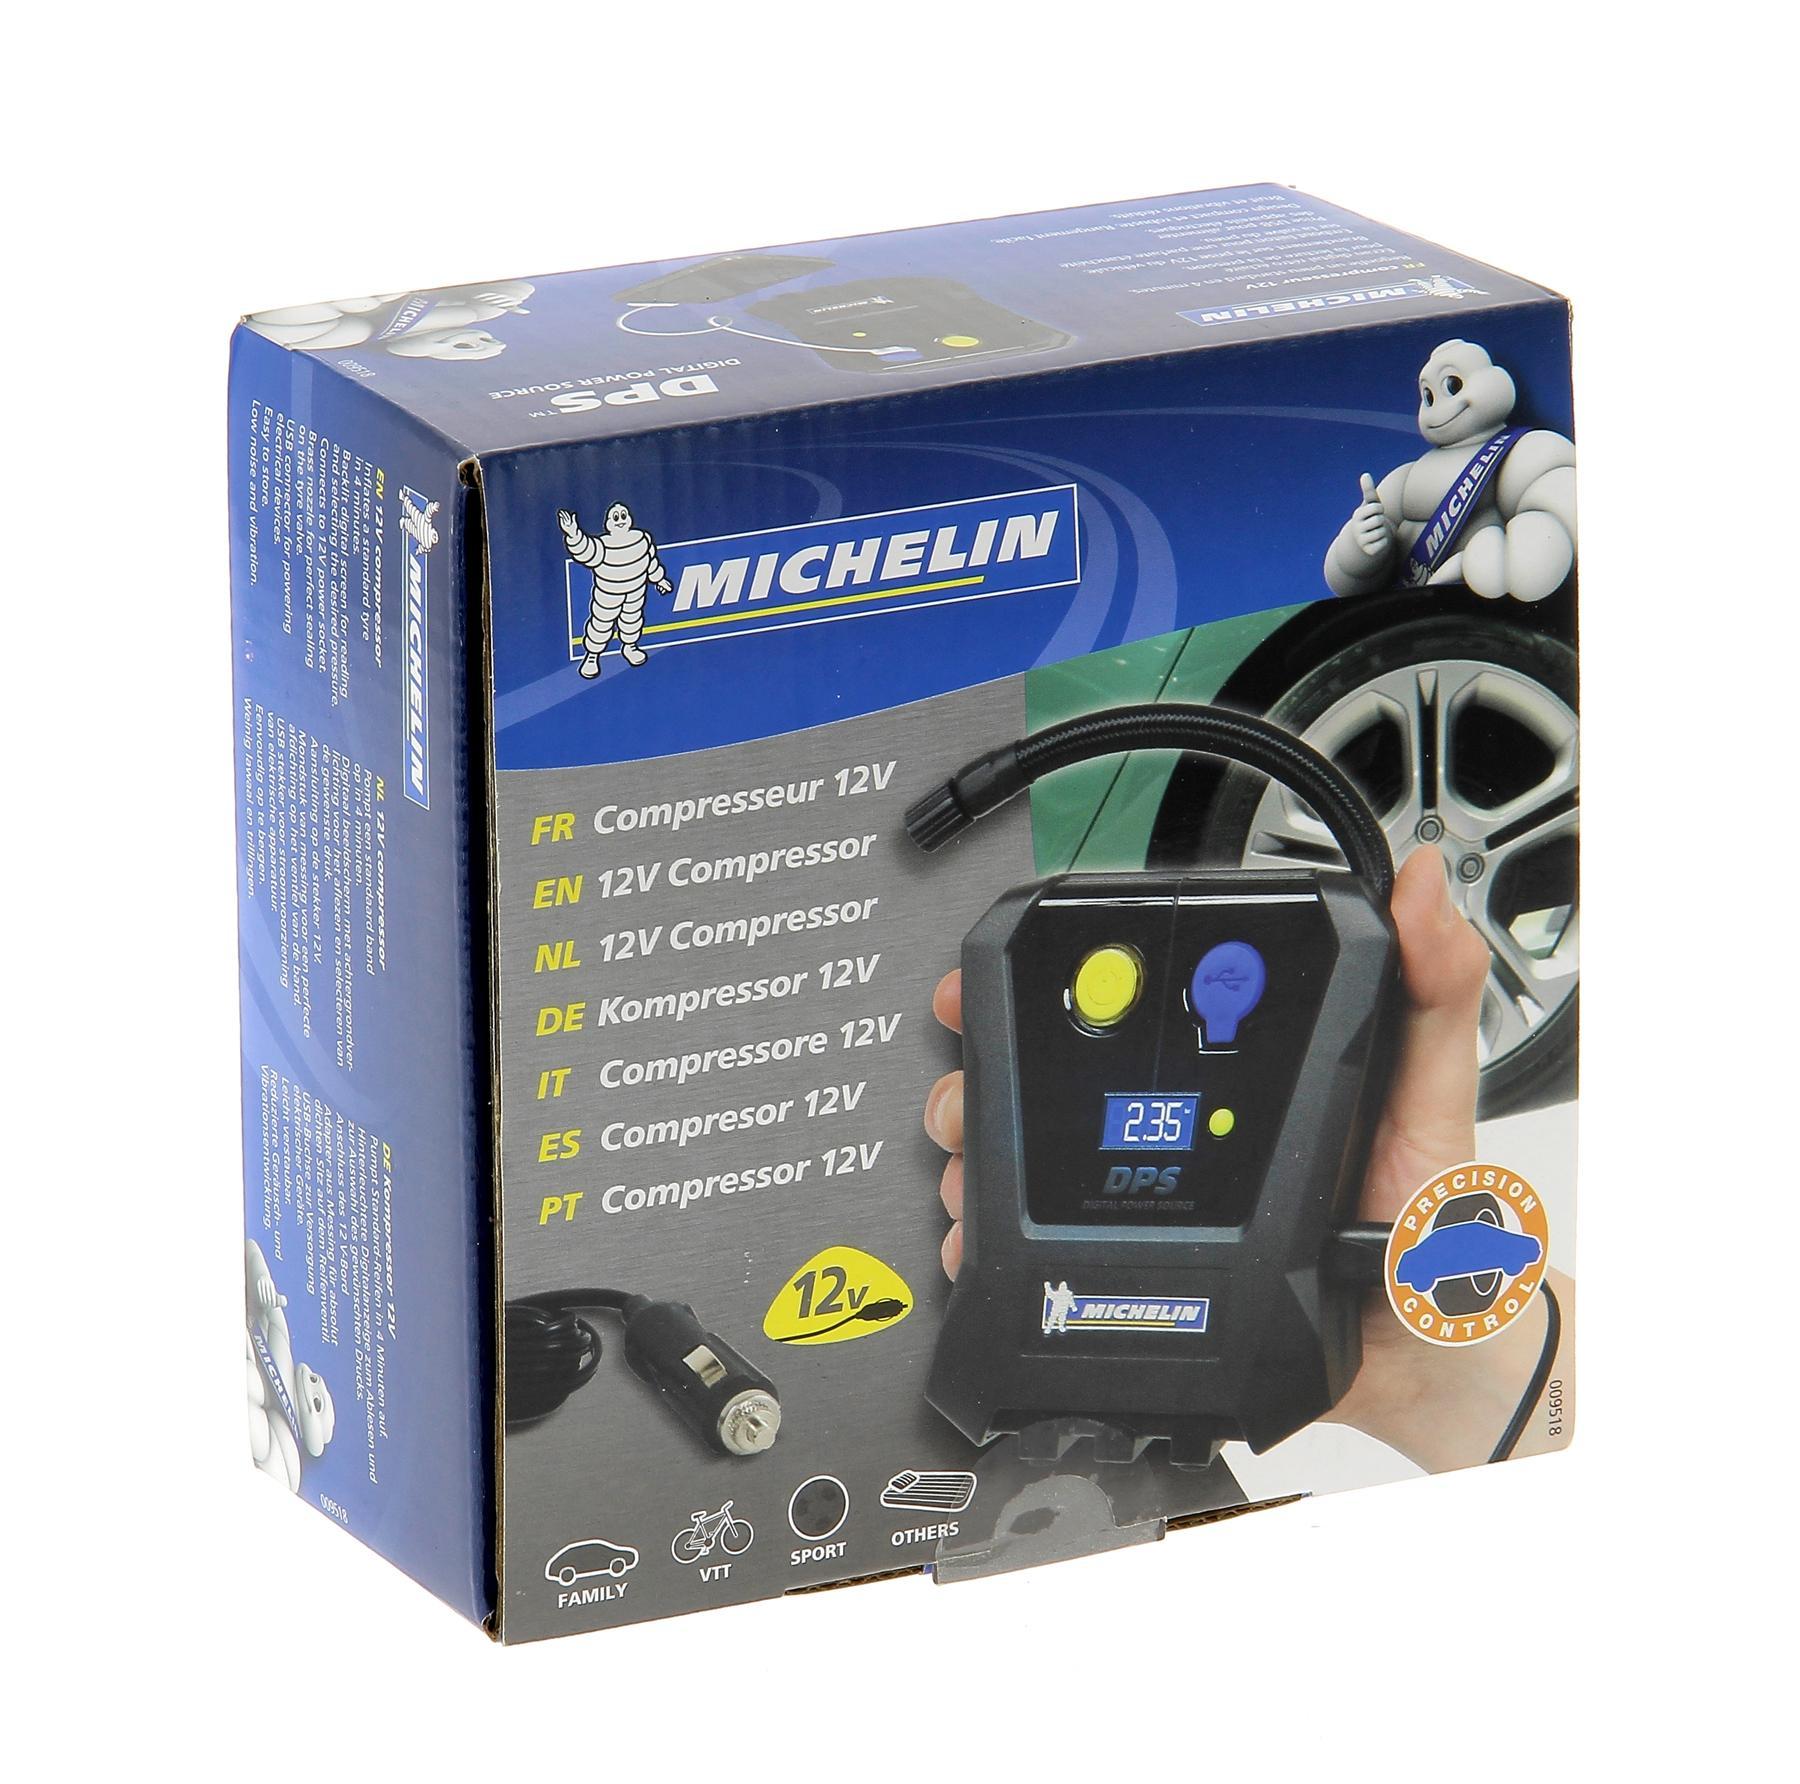 Compressor de ar Michelin 009518 conhecimento especializado